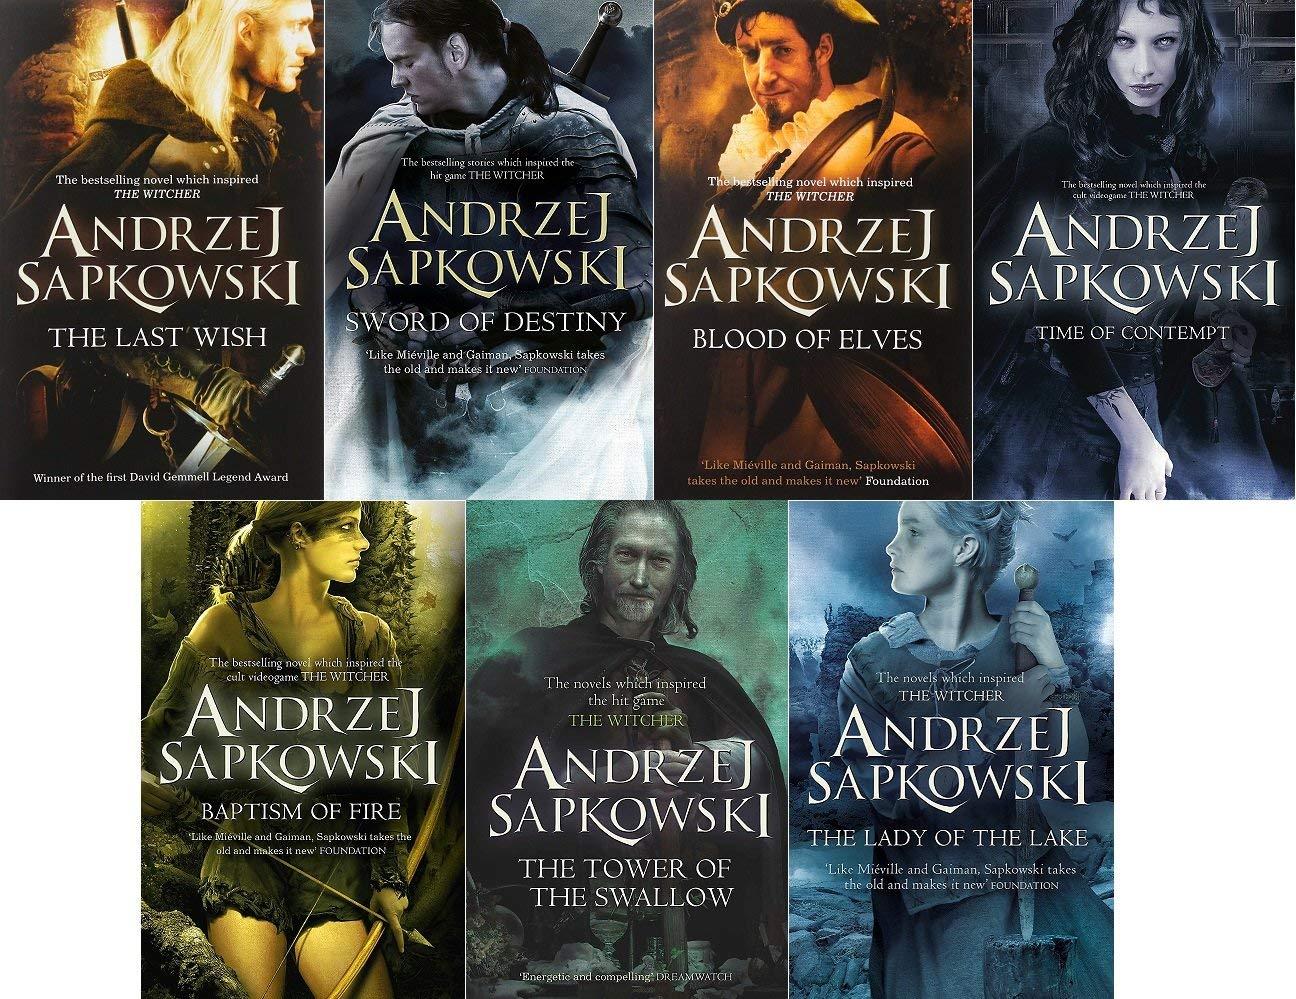 Andrzej Sapkowski 7 Book Set Collection (Witcher Series) £20.99 @ smeikalbooks / Amazon